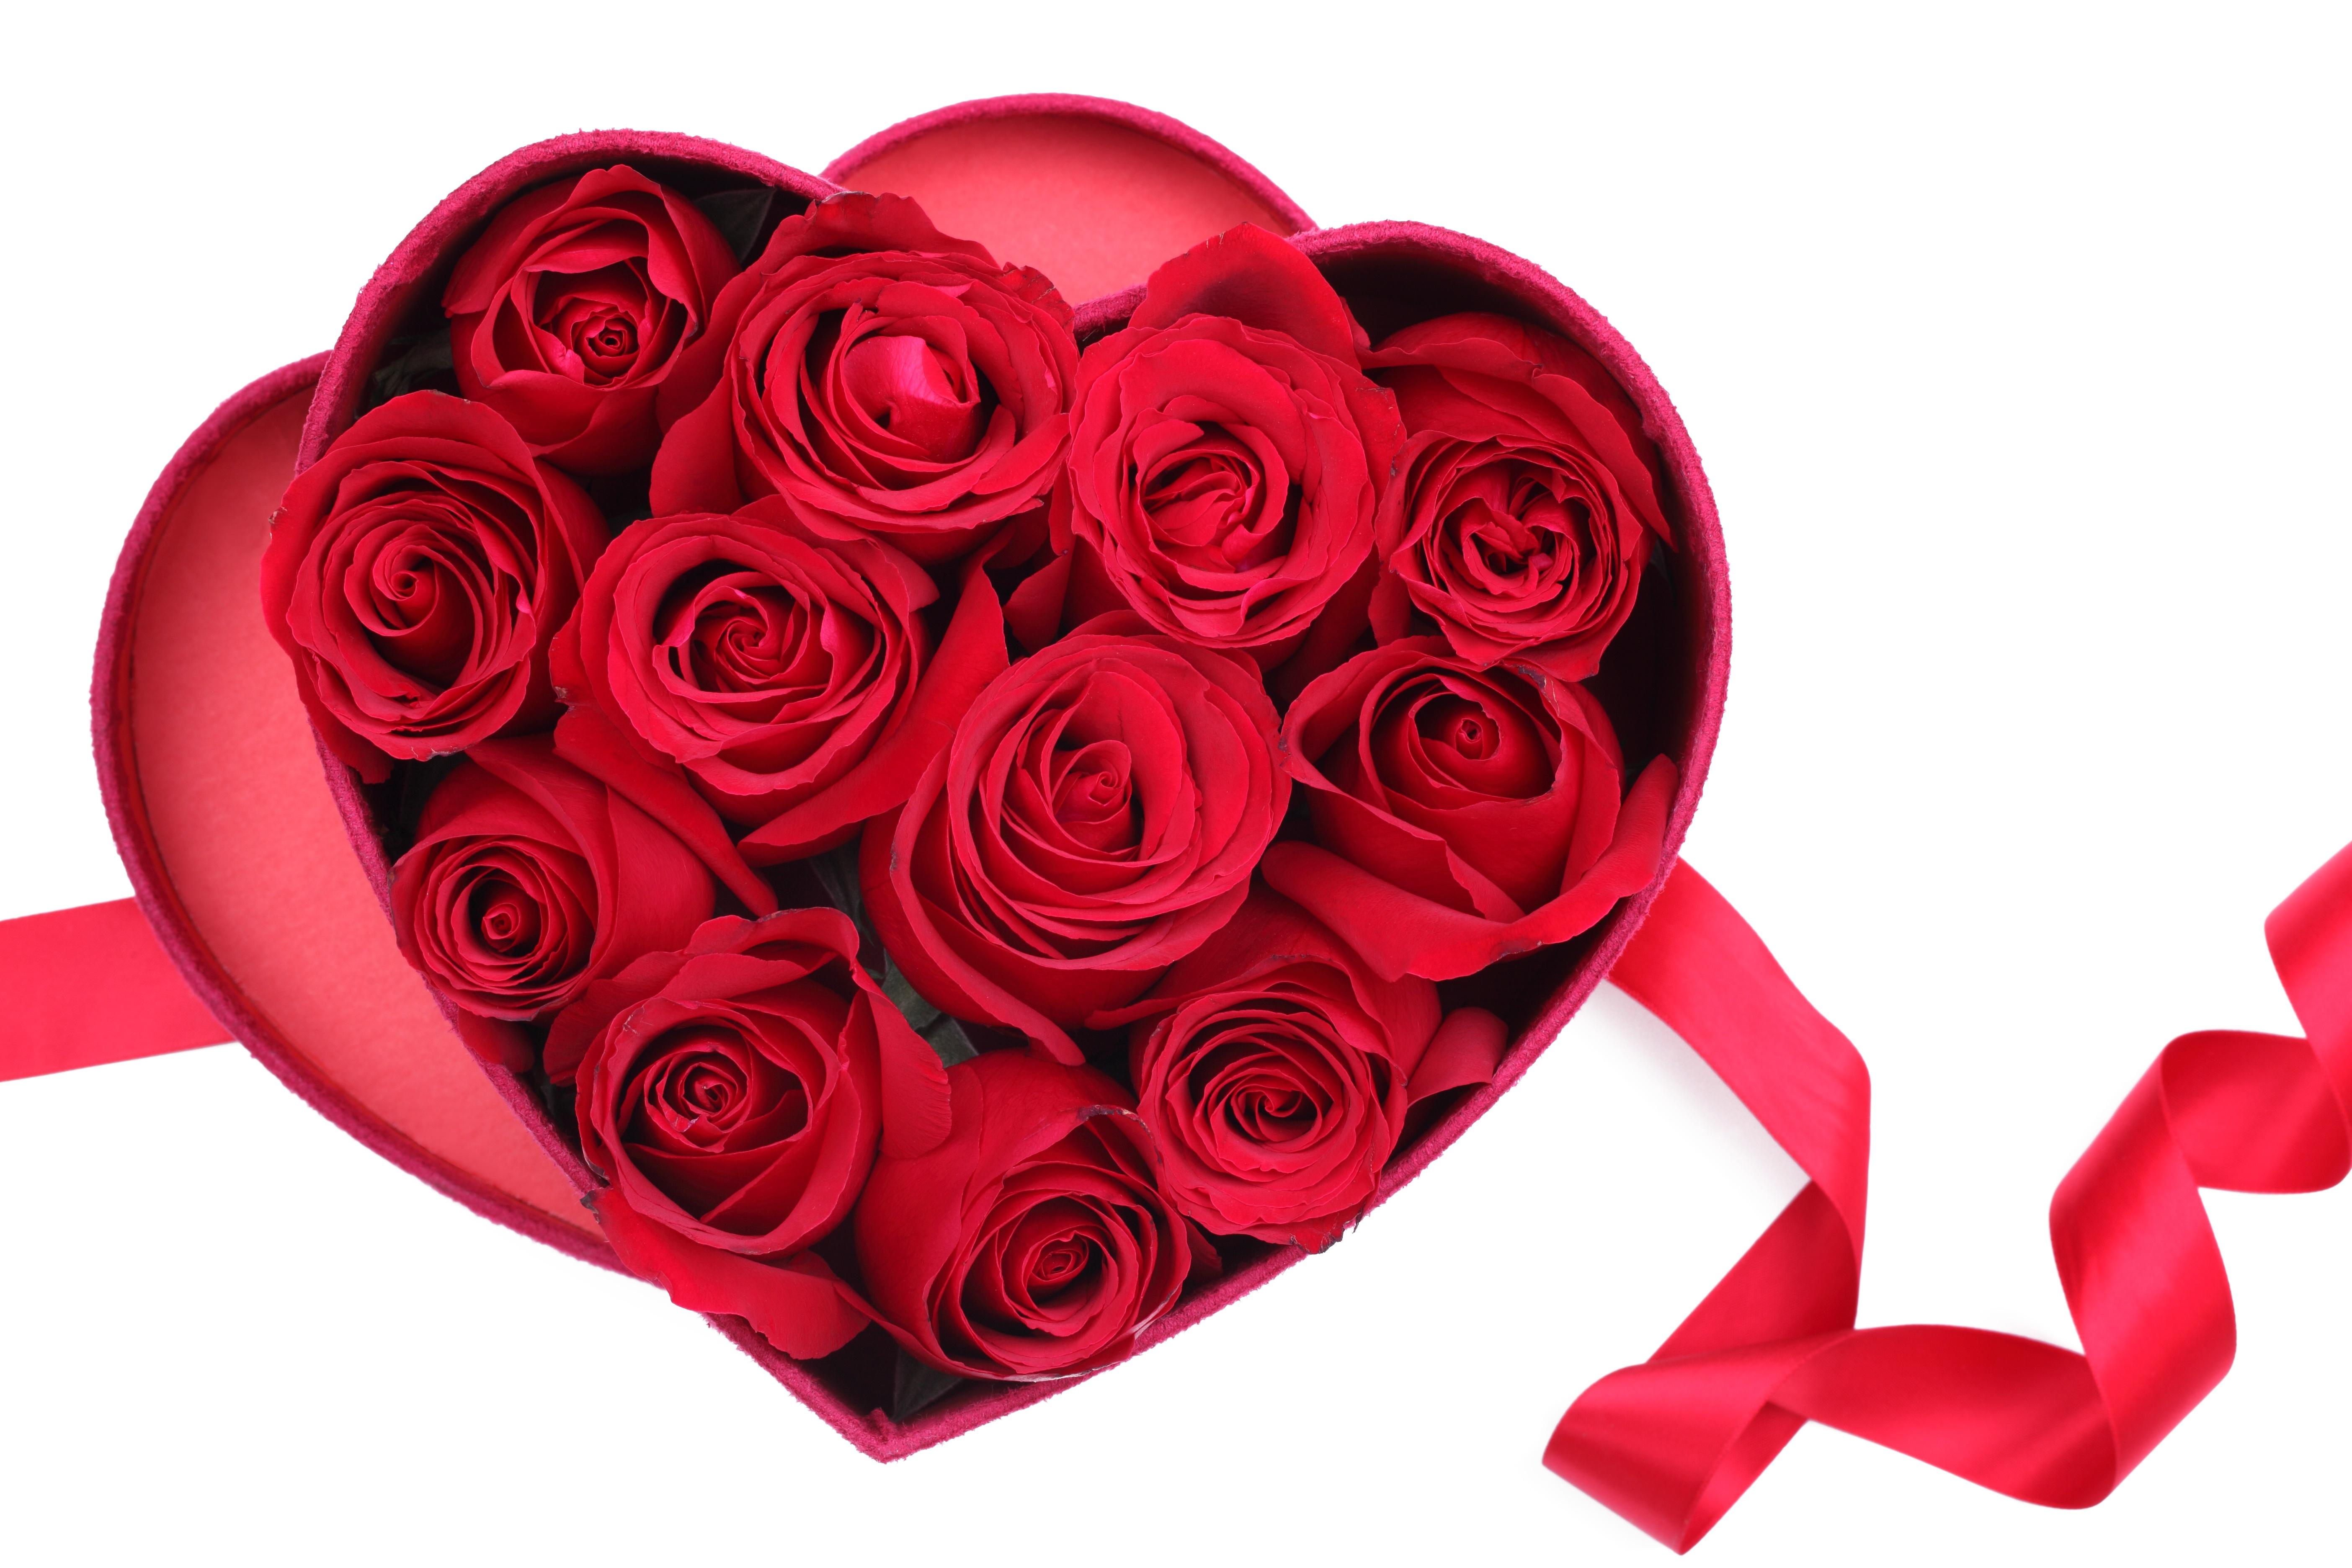 Картинки сердечные цветочные, сестре открытка цветы